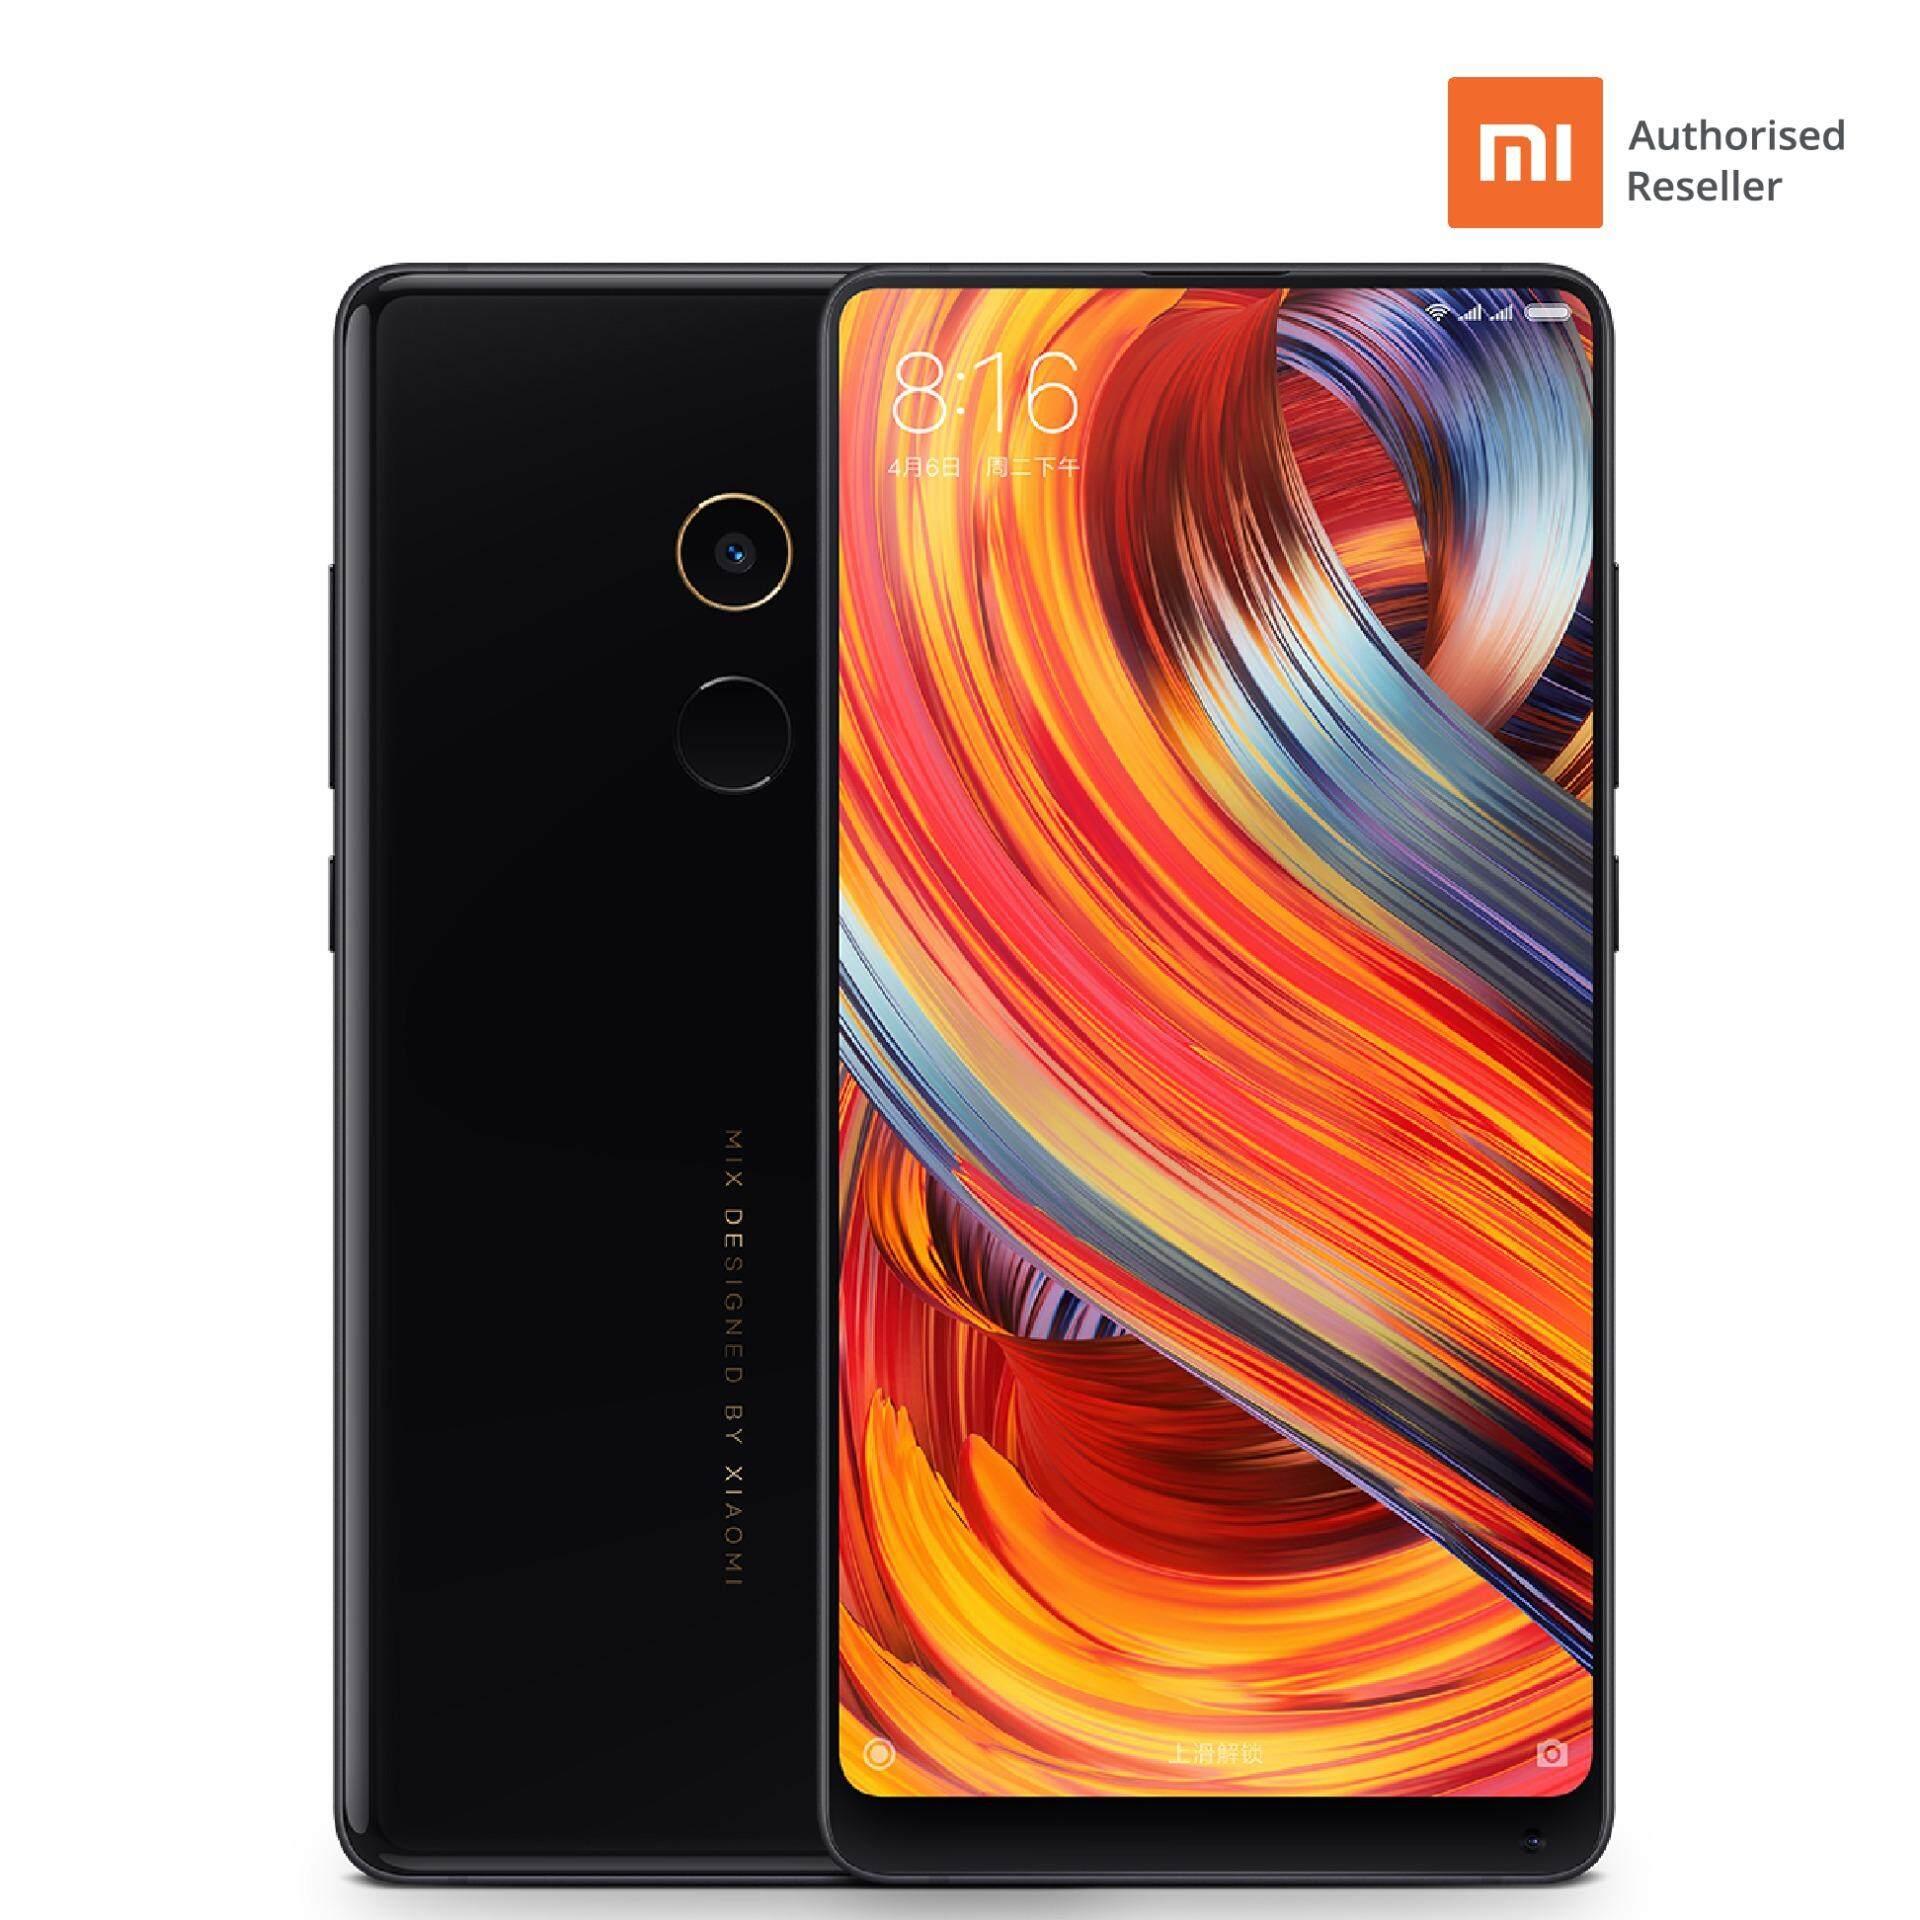 การใช้งาน  กาญจนบุรี Xiaomi Mi Mix 2 รับประกันศูนย์ 1 ปี